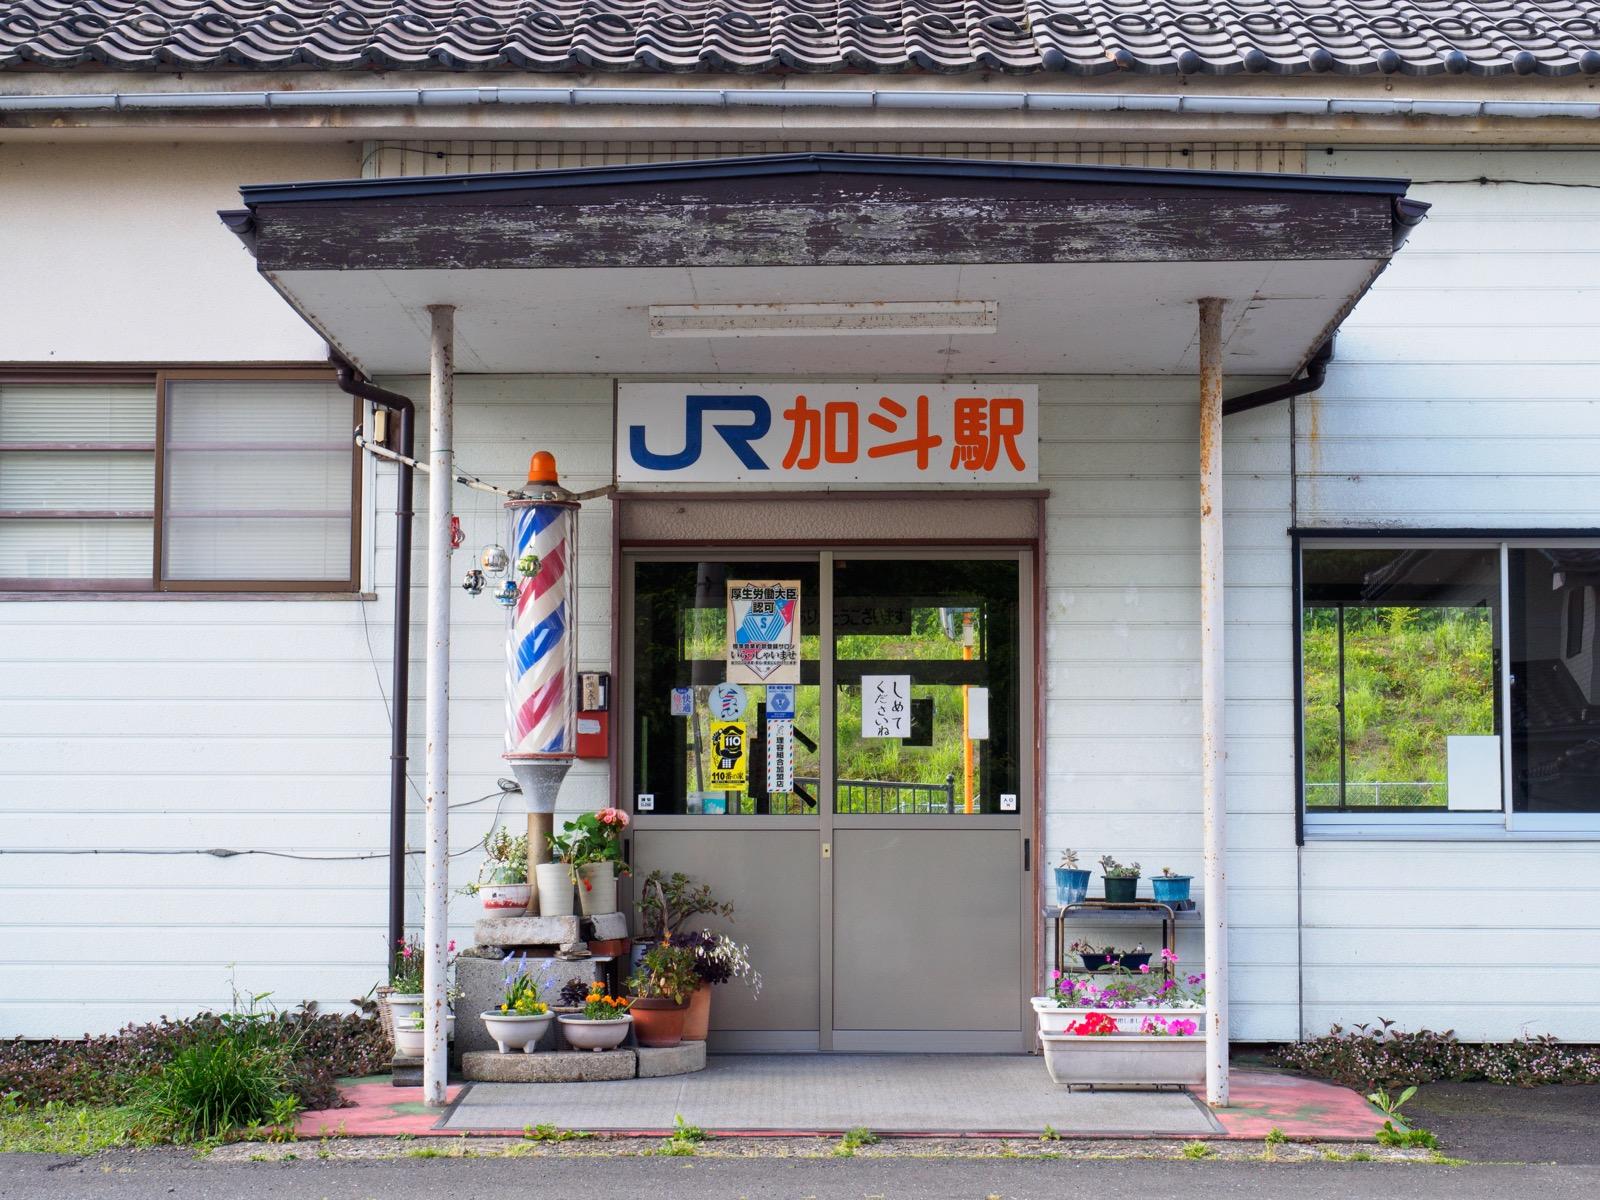 加斗駅の入口にある、理髪店のサインポール